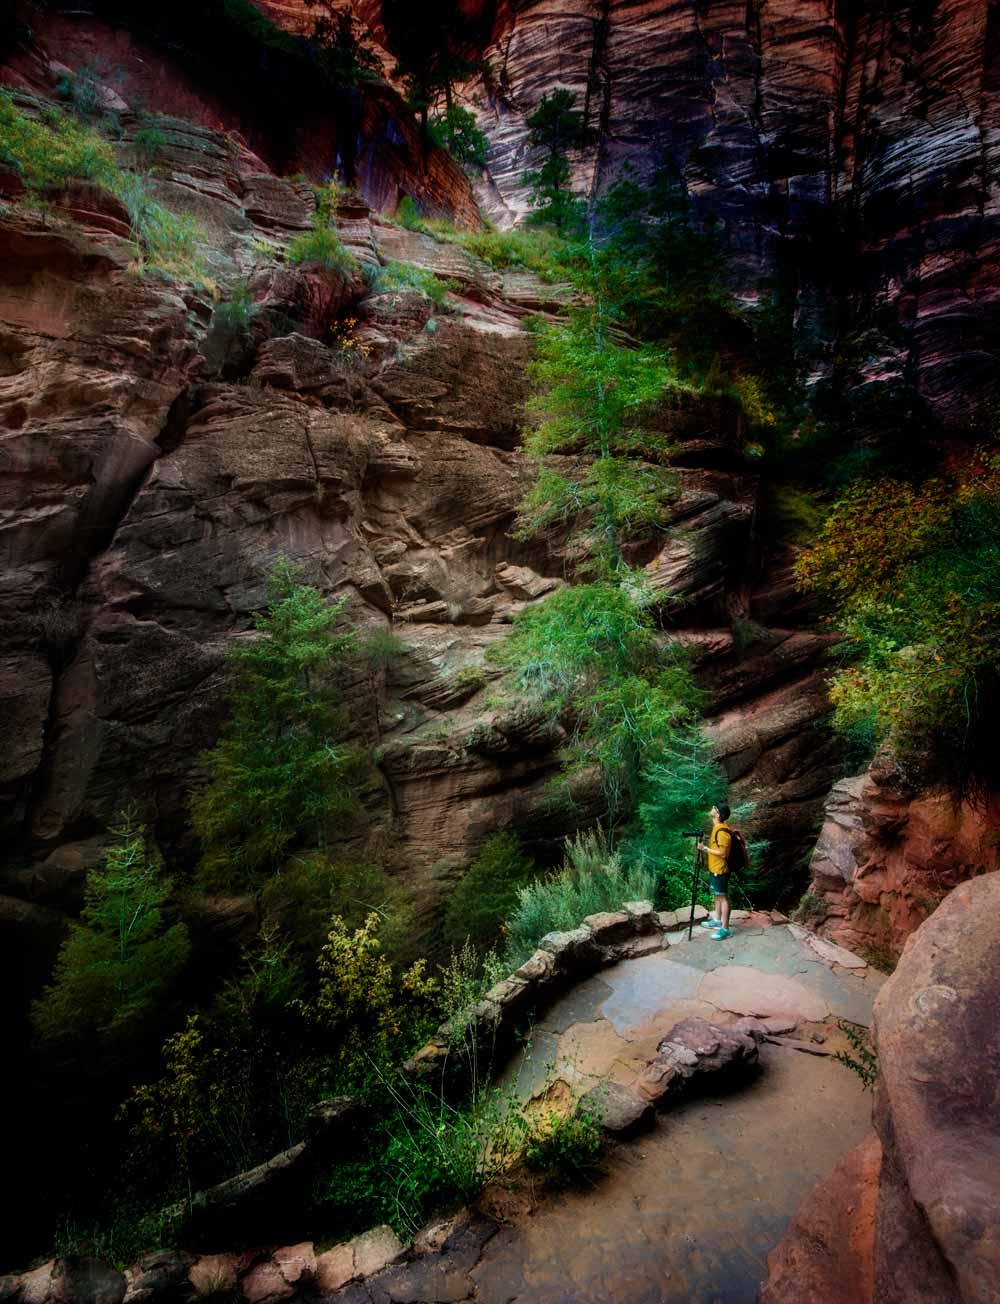 Landscape photoshop tutorial